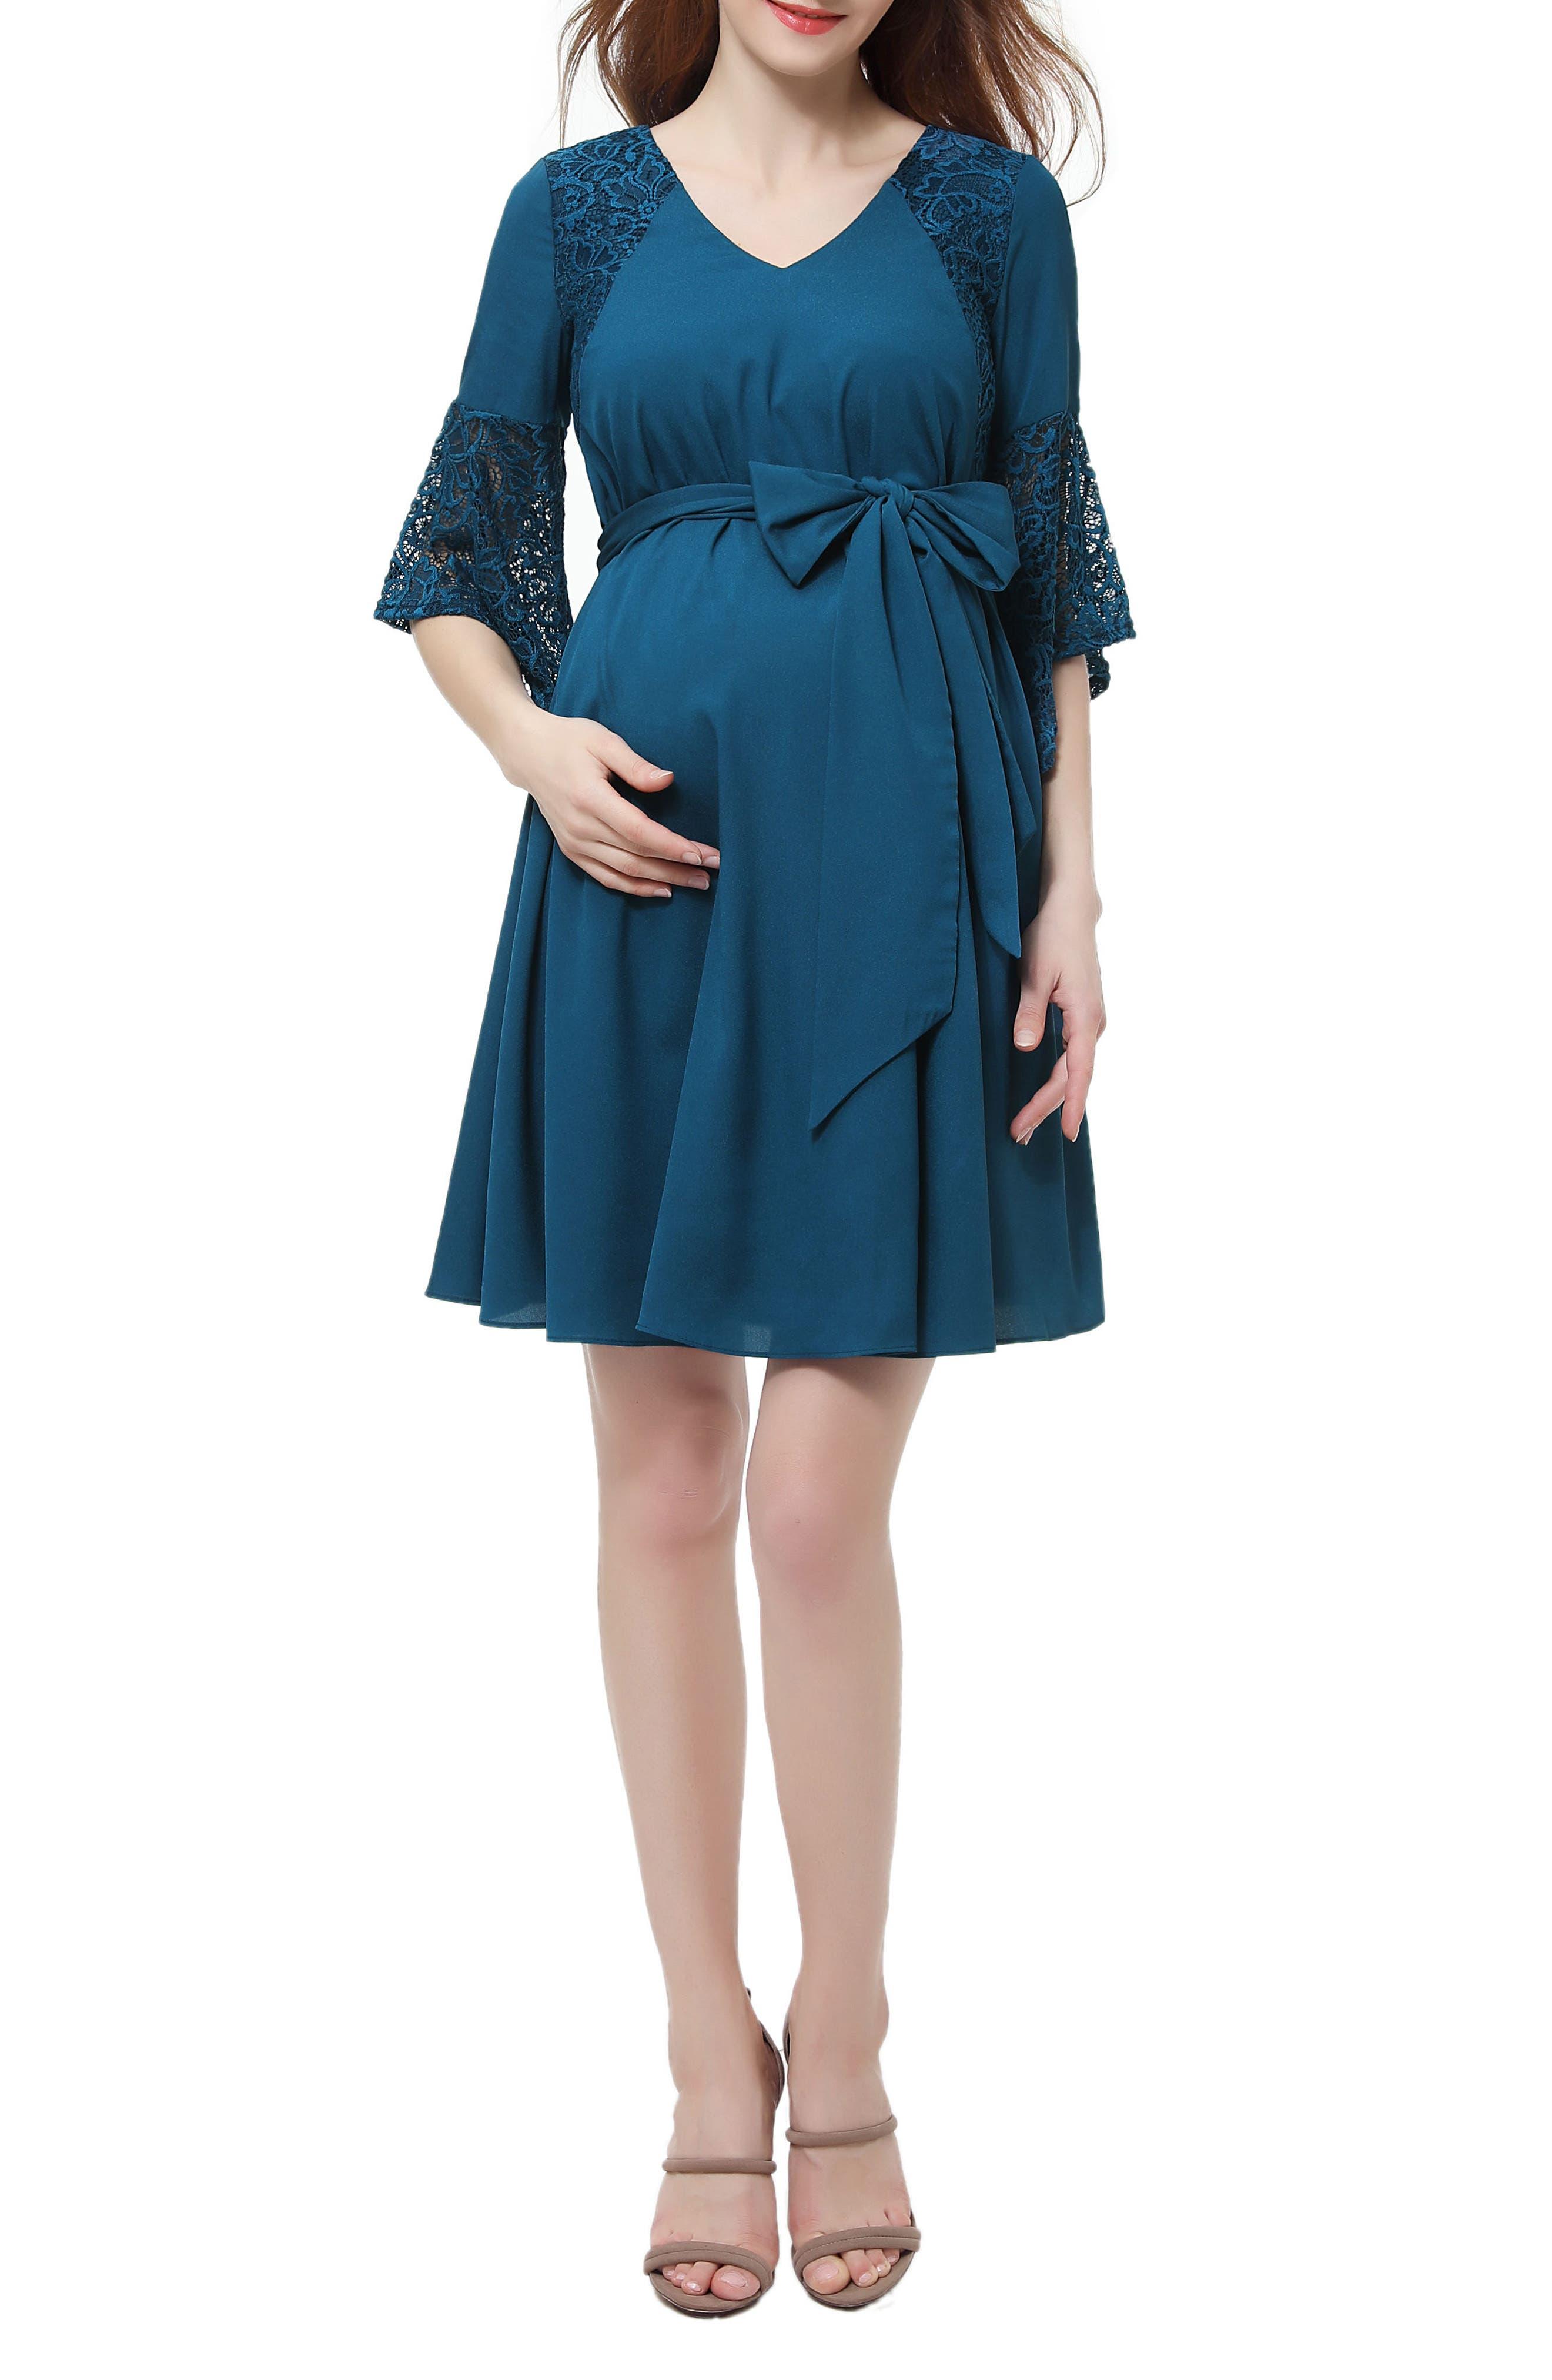 KIMI AND KAI Abbey Lace Trim Maternity Dress, Main, color, DEEP SEA